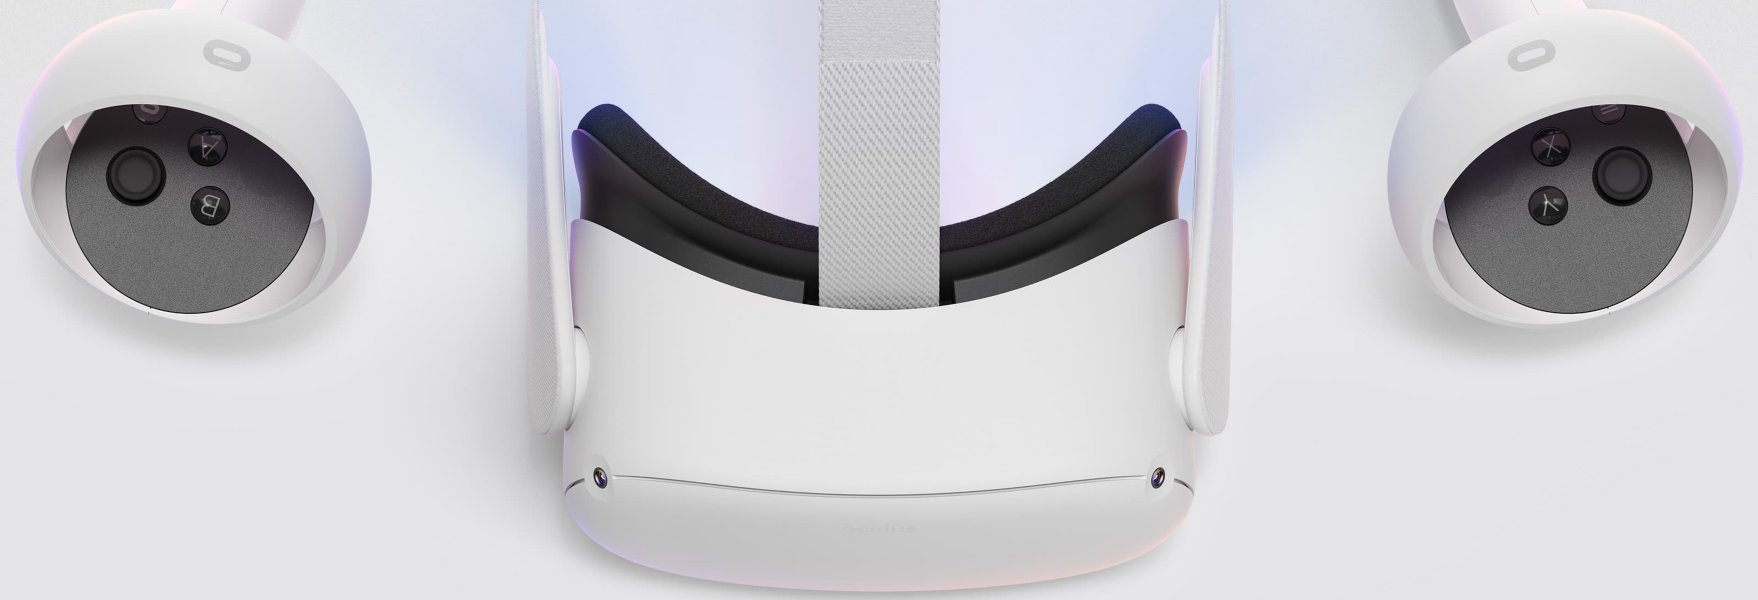 Oculus Quest 2, las nuevas gafas VR todo en uno de próxima generación